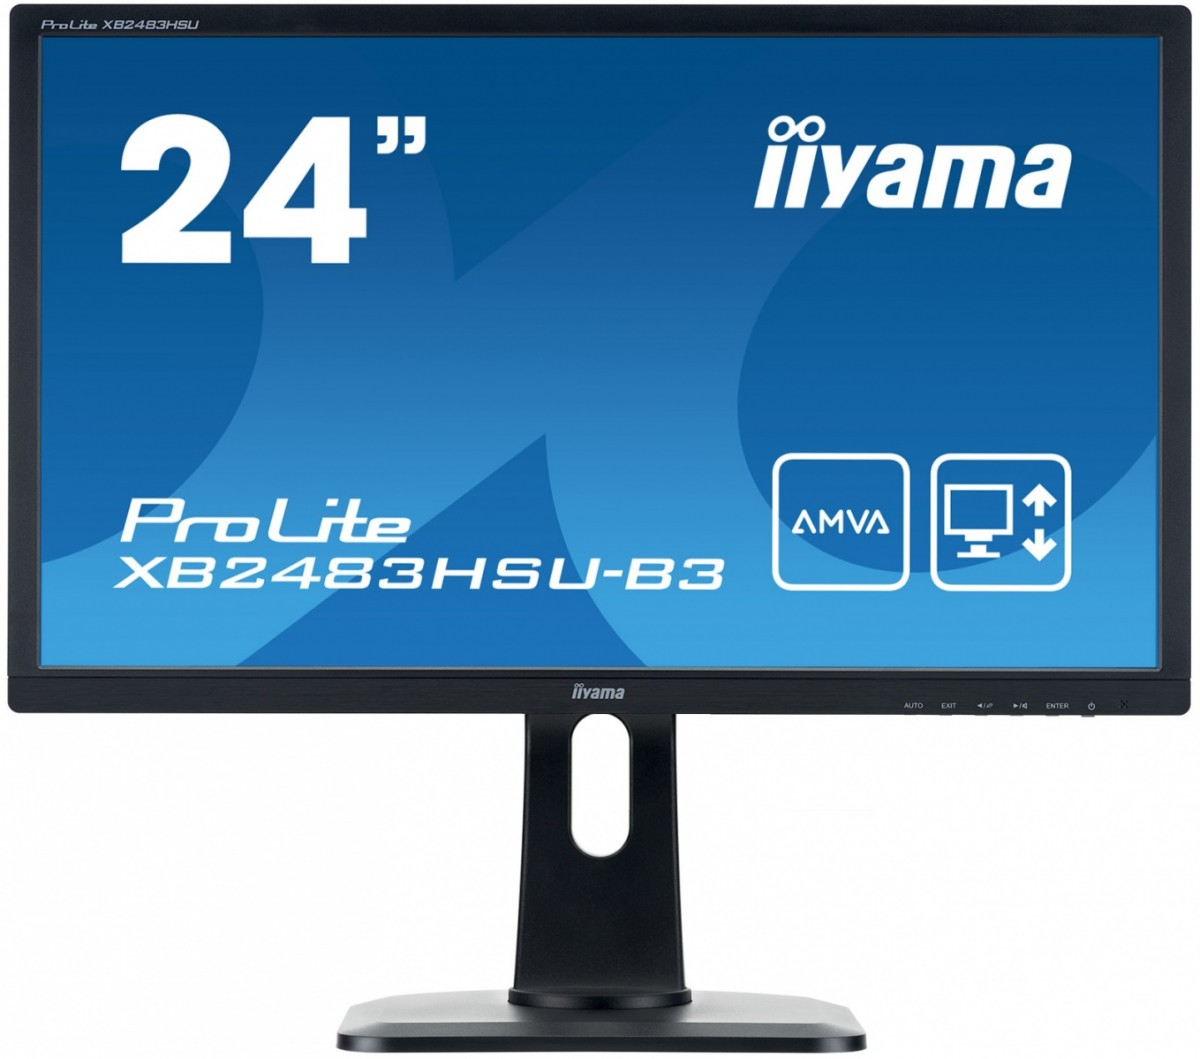 monitor-23-8-prolite-xb2483hsu-b3-hdmidpusbamvapivot